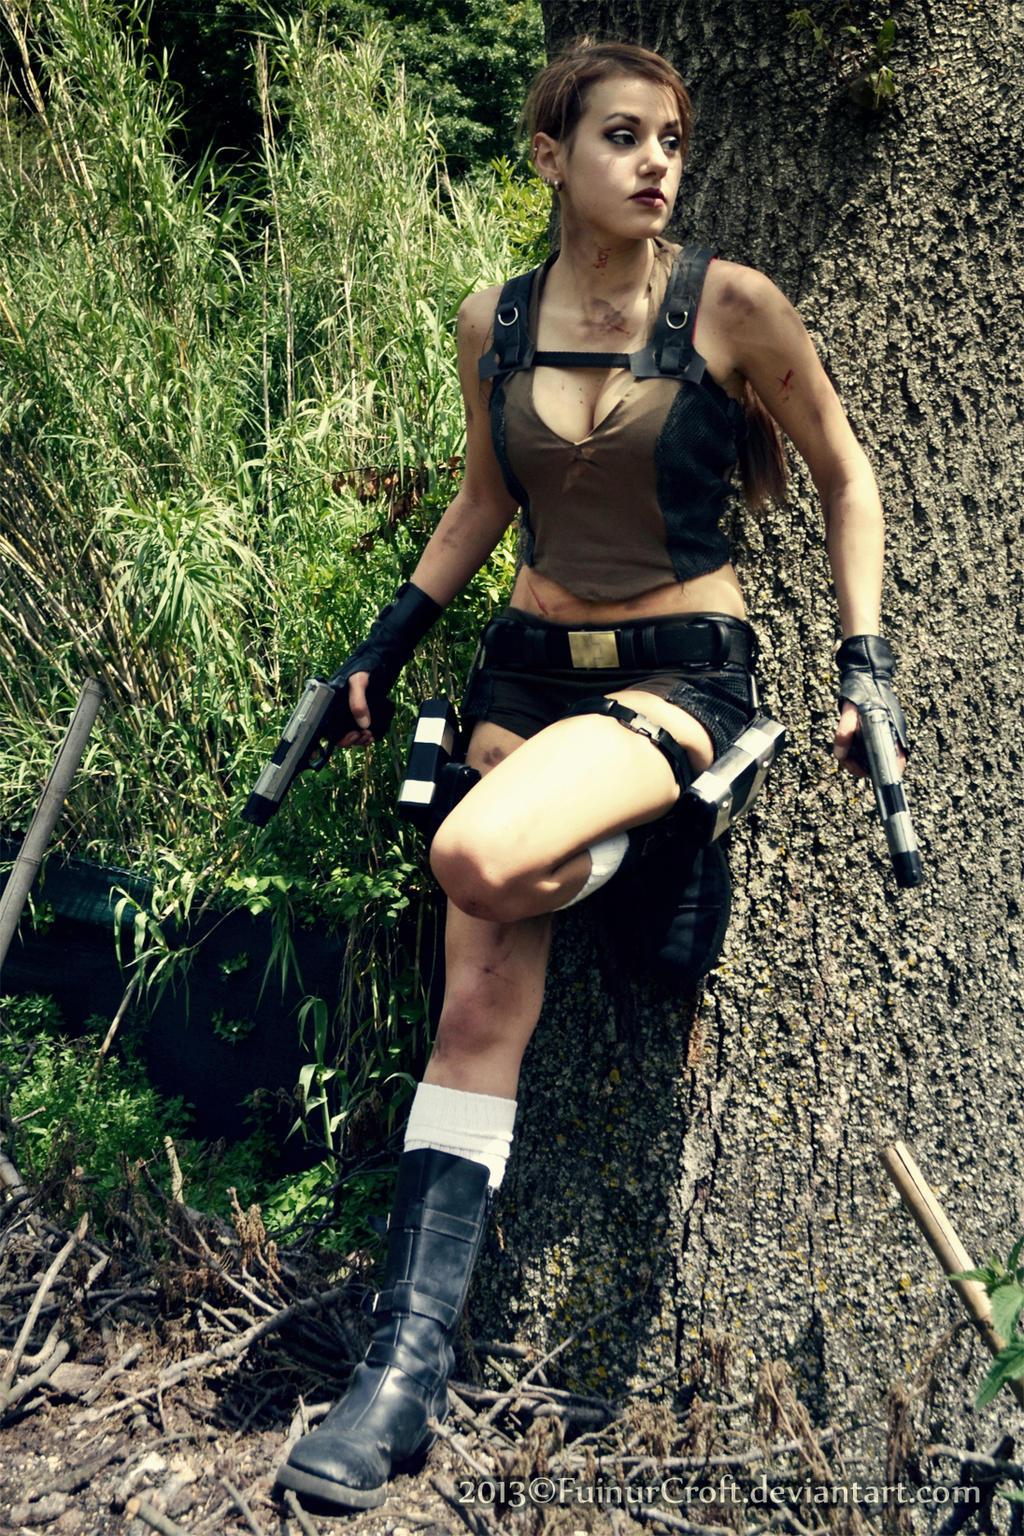 Lara Croft - Tomb Raider cosplay III. by EnjiNight on